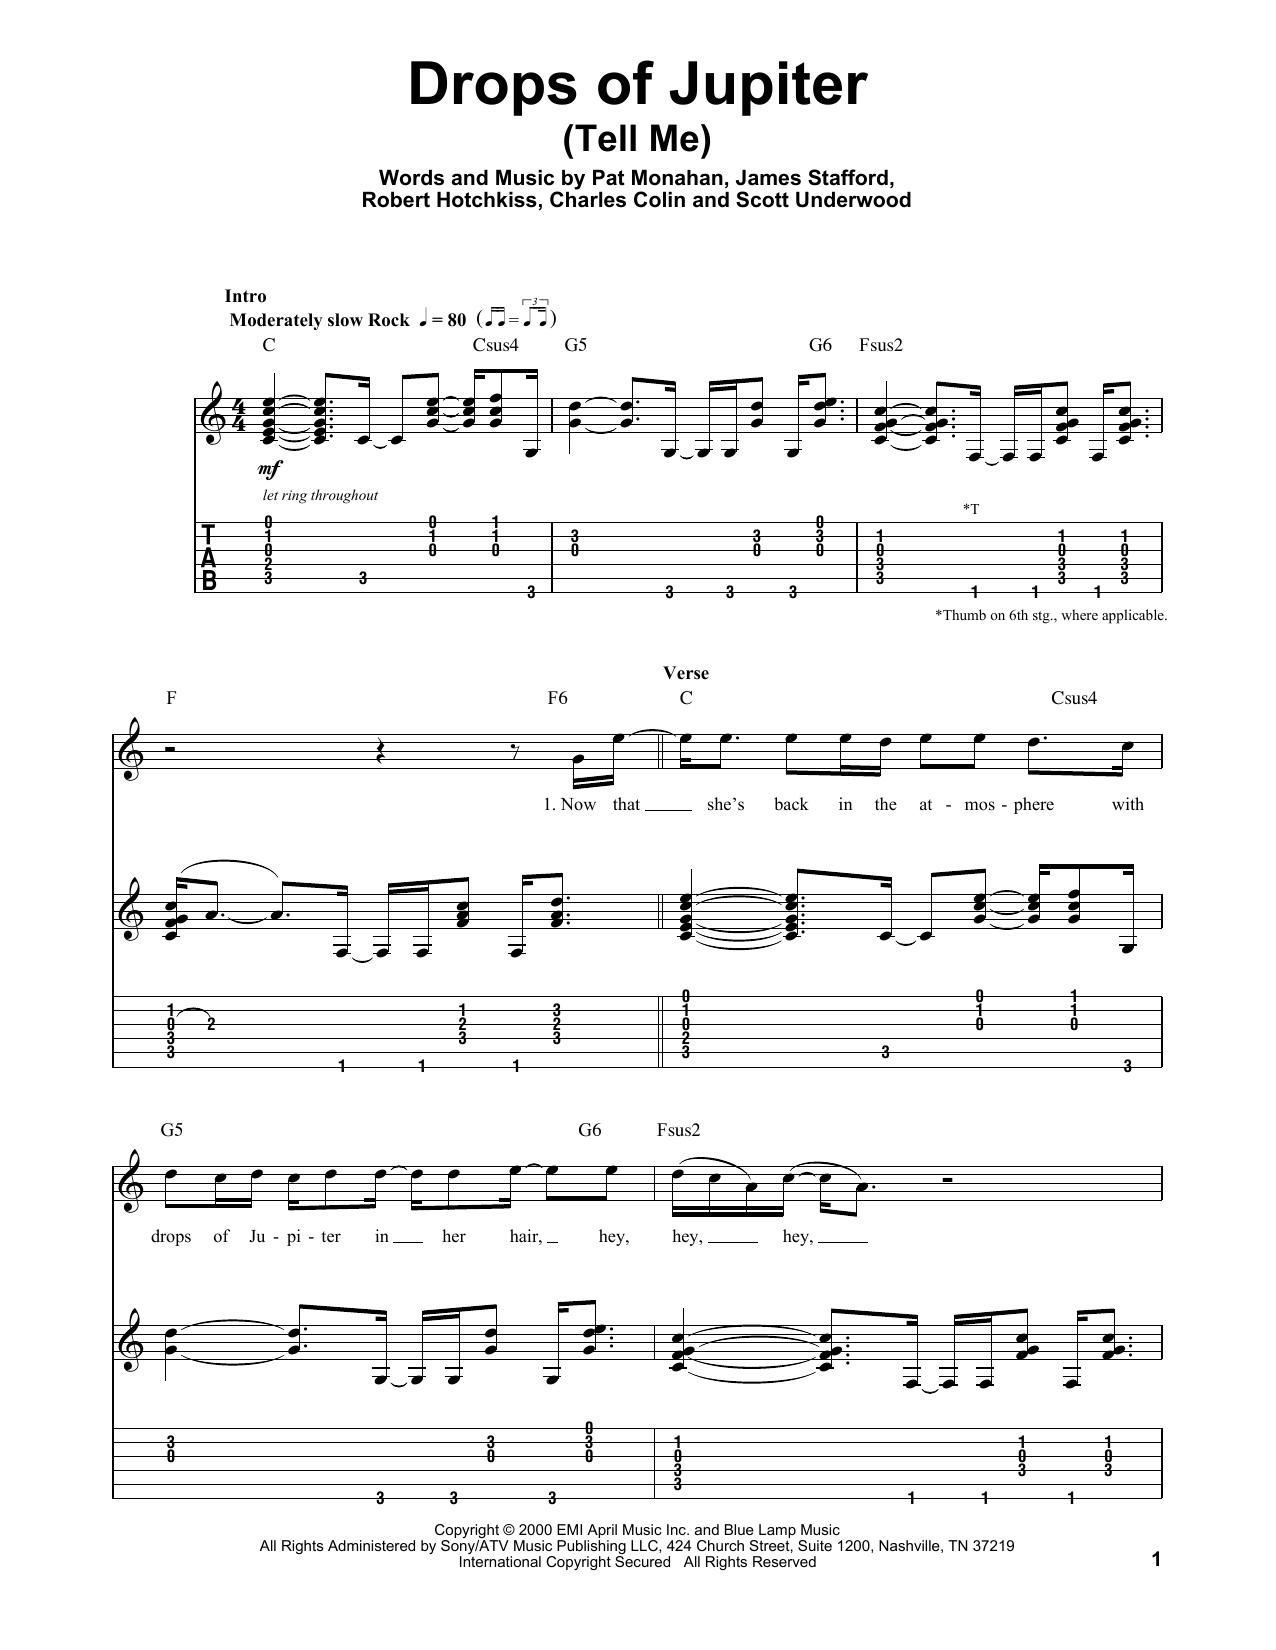 Drops Of Jupiter Chords Train Drops Of Jupiter Tell Me Sheet Music Notes Chords Download Printable Guitar Tab Play Along Sku 177314